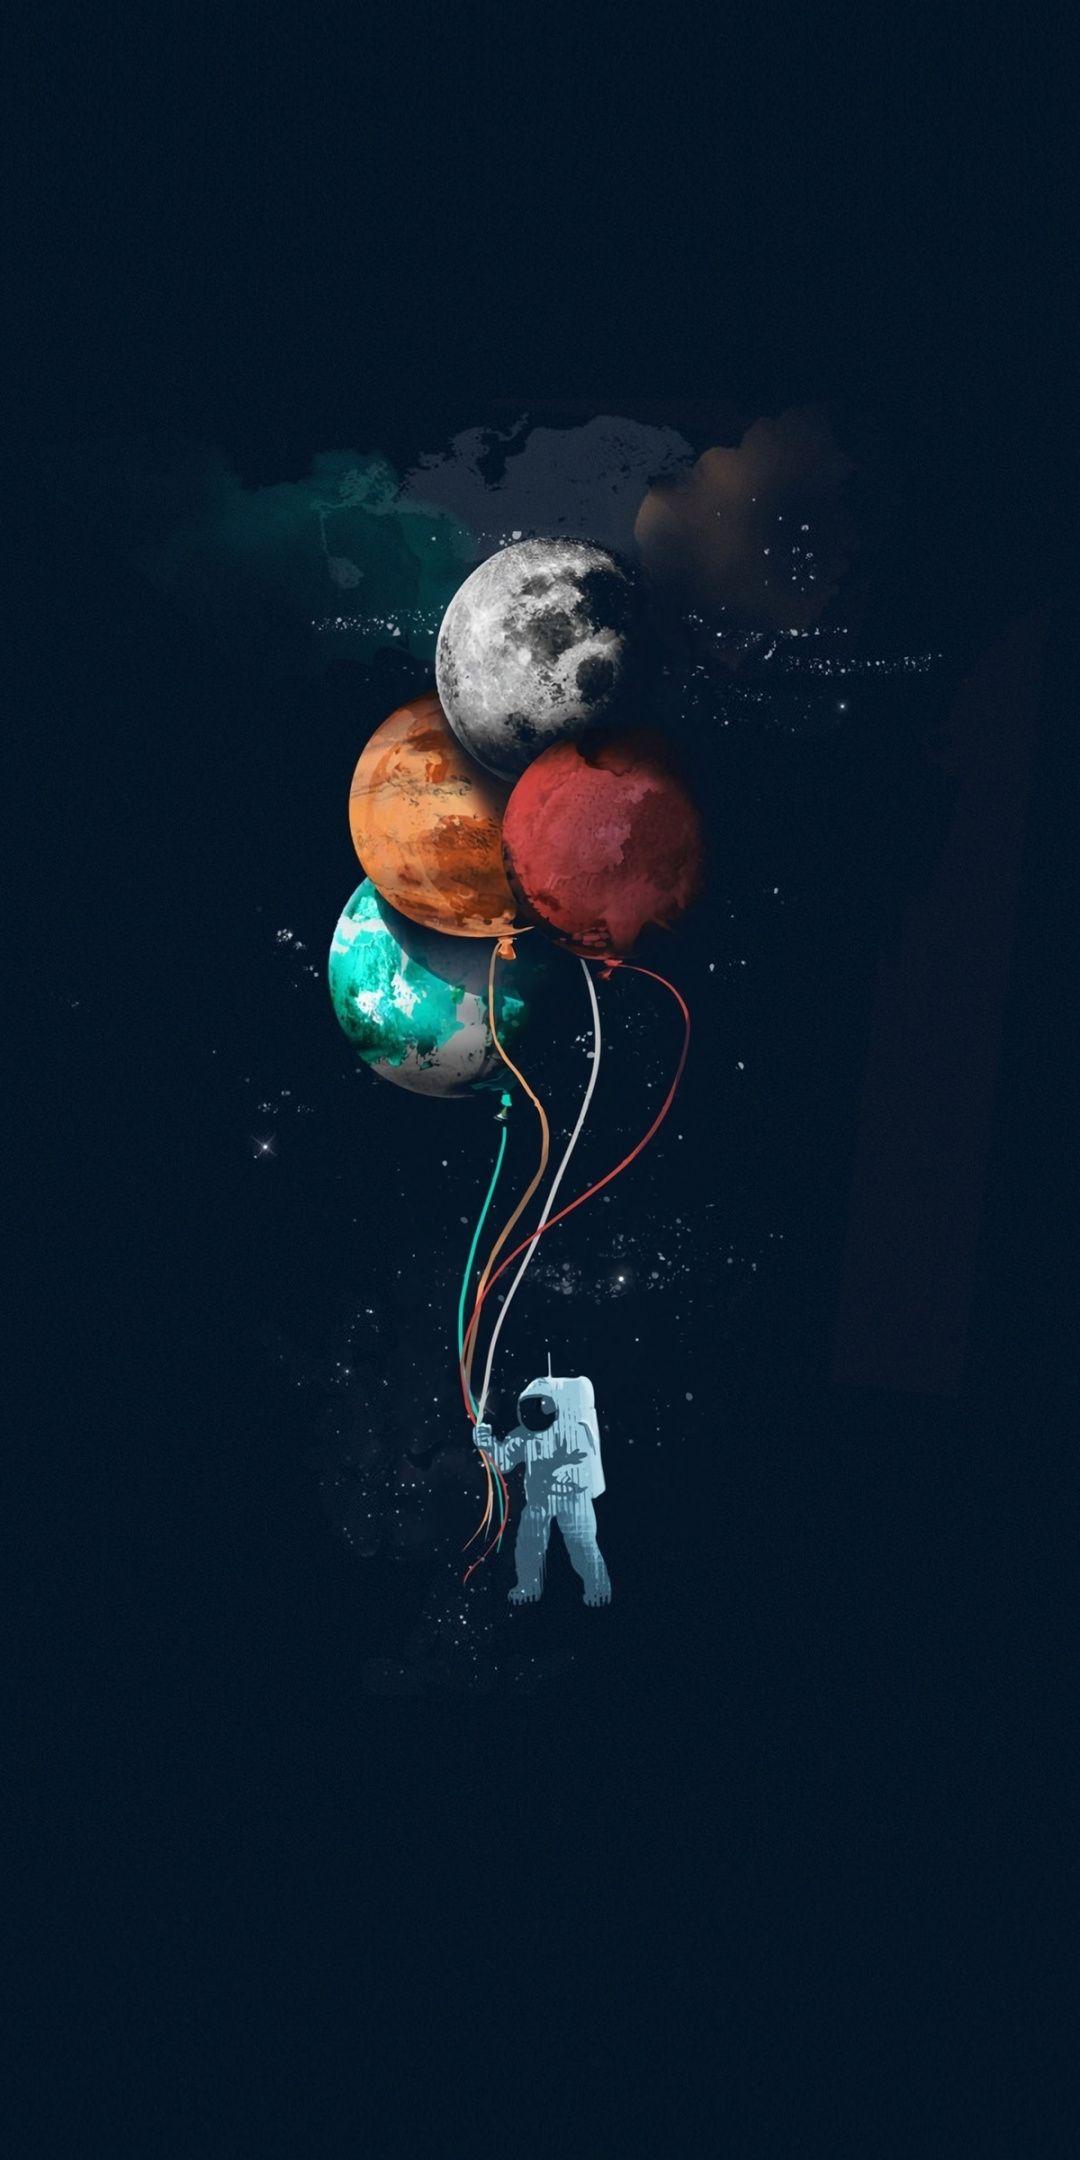 1080x2160 Astronaut, balloons, space, minimal, art ...